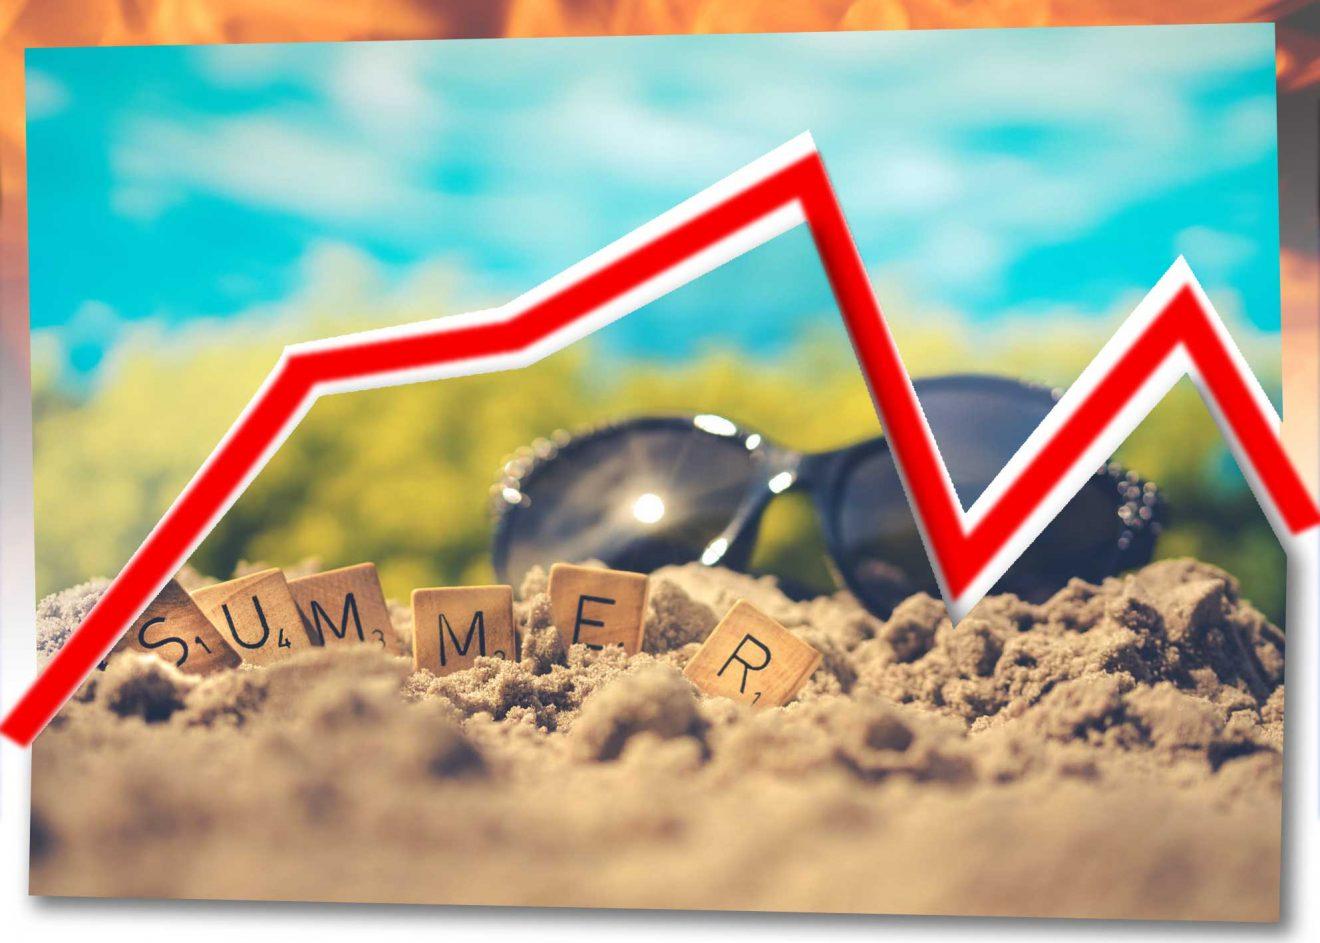 sommer 2019: auf, ab, seitwärts oder rolle rückwärts?